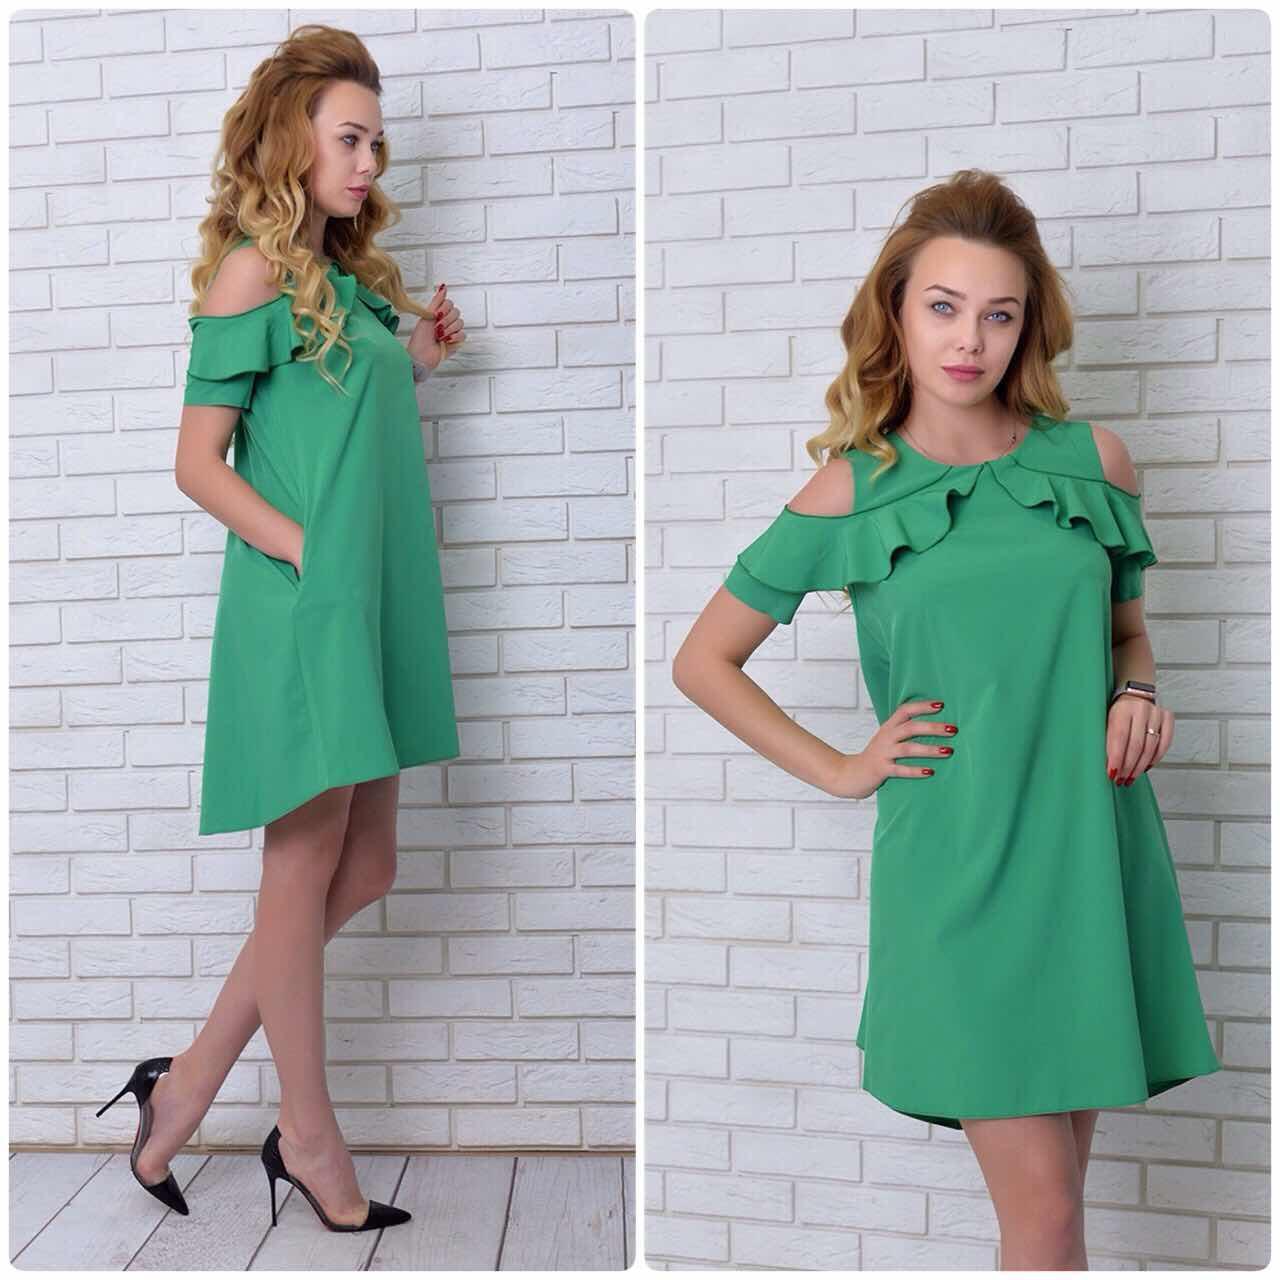 Сукня, модель 785, колір - зелений